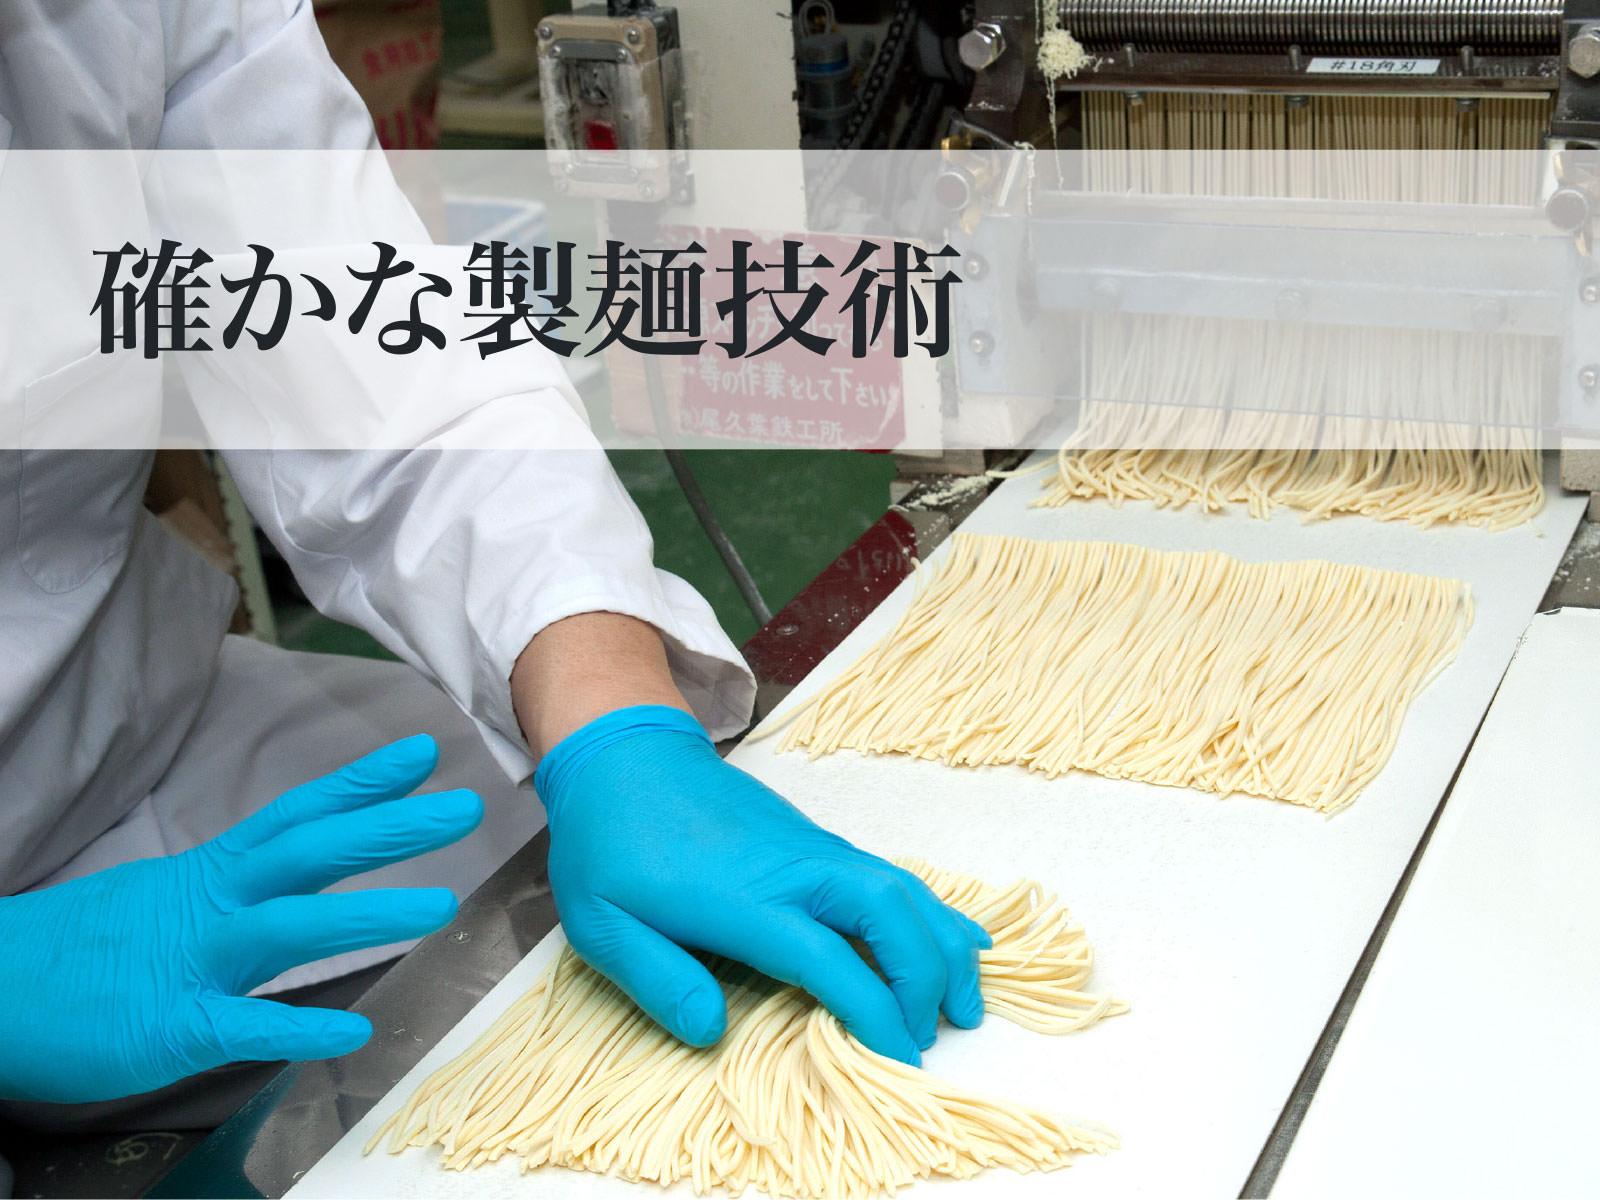 50年の歴史が裏打ち 確かな製麺技術